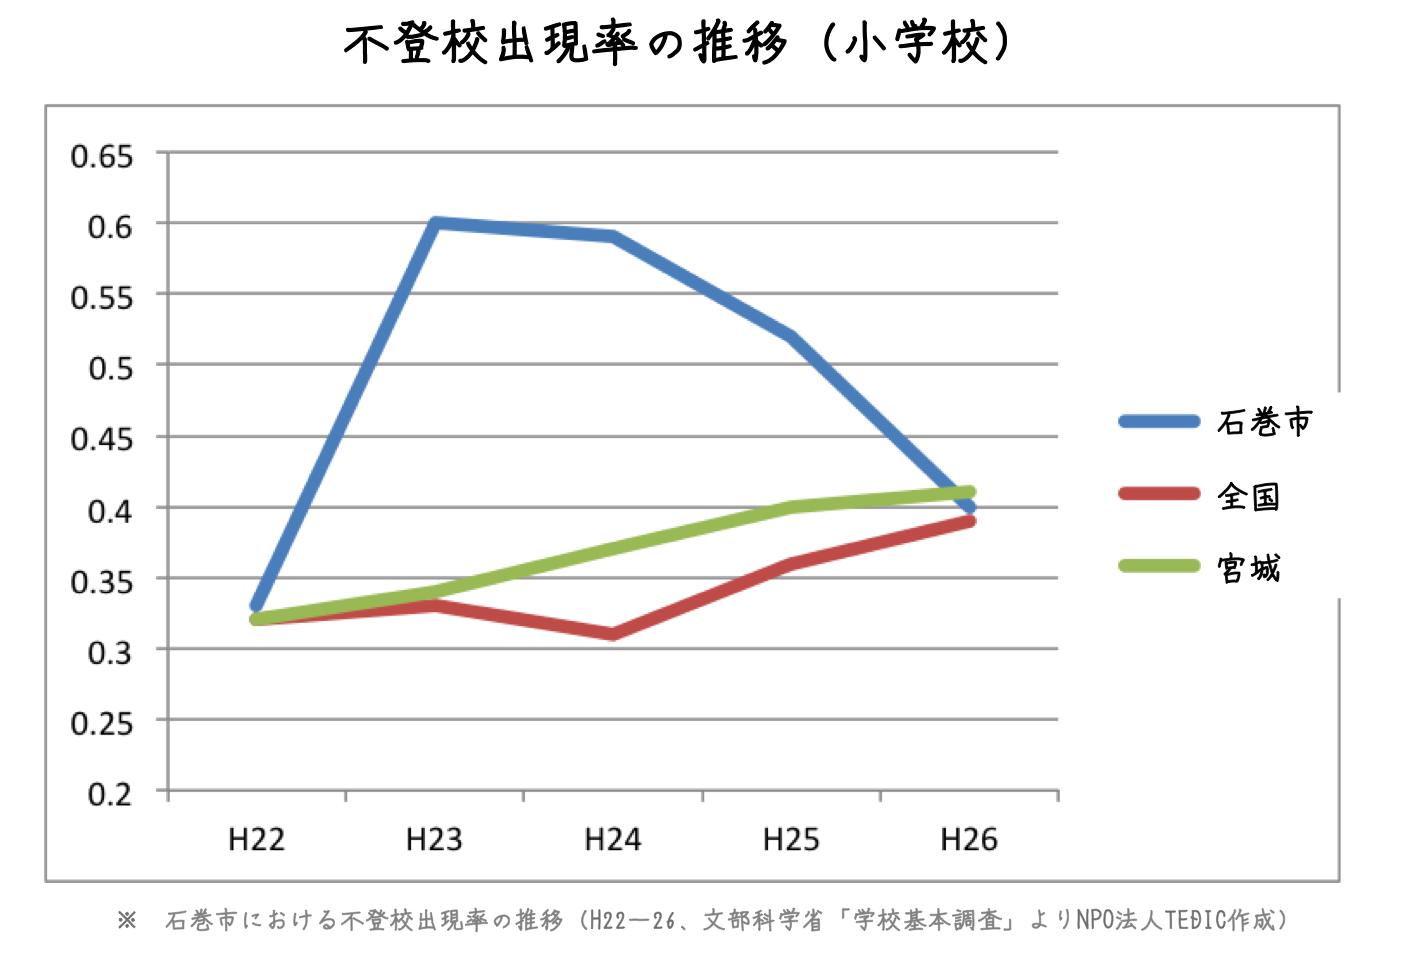 文部科学省「学校基本調査」による2010年~2014年の石巻市における不登校出現率を小学校・中学校のそれぞれでグラフ化